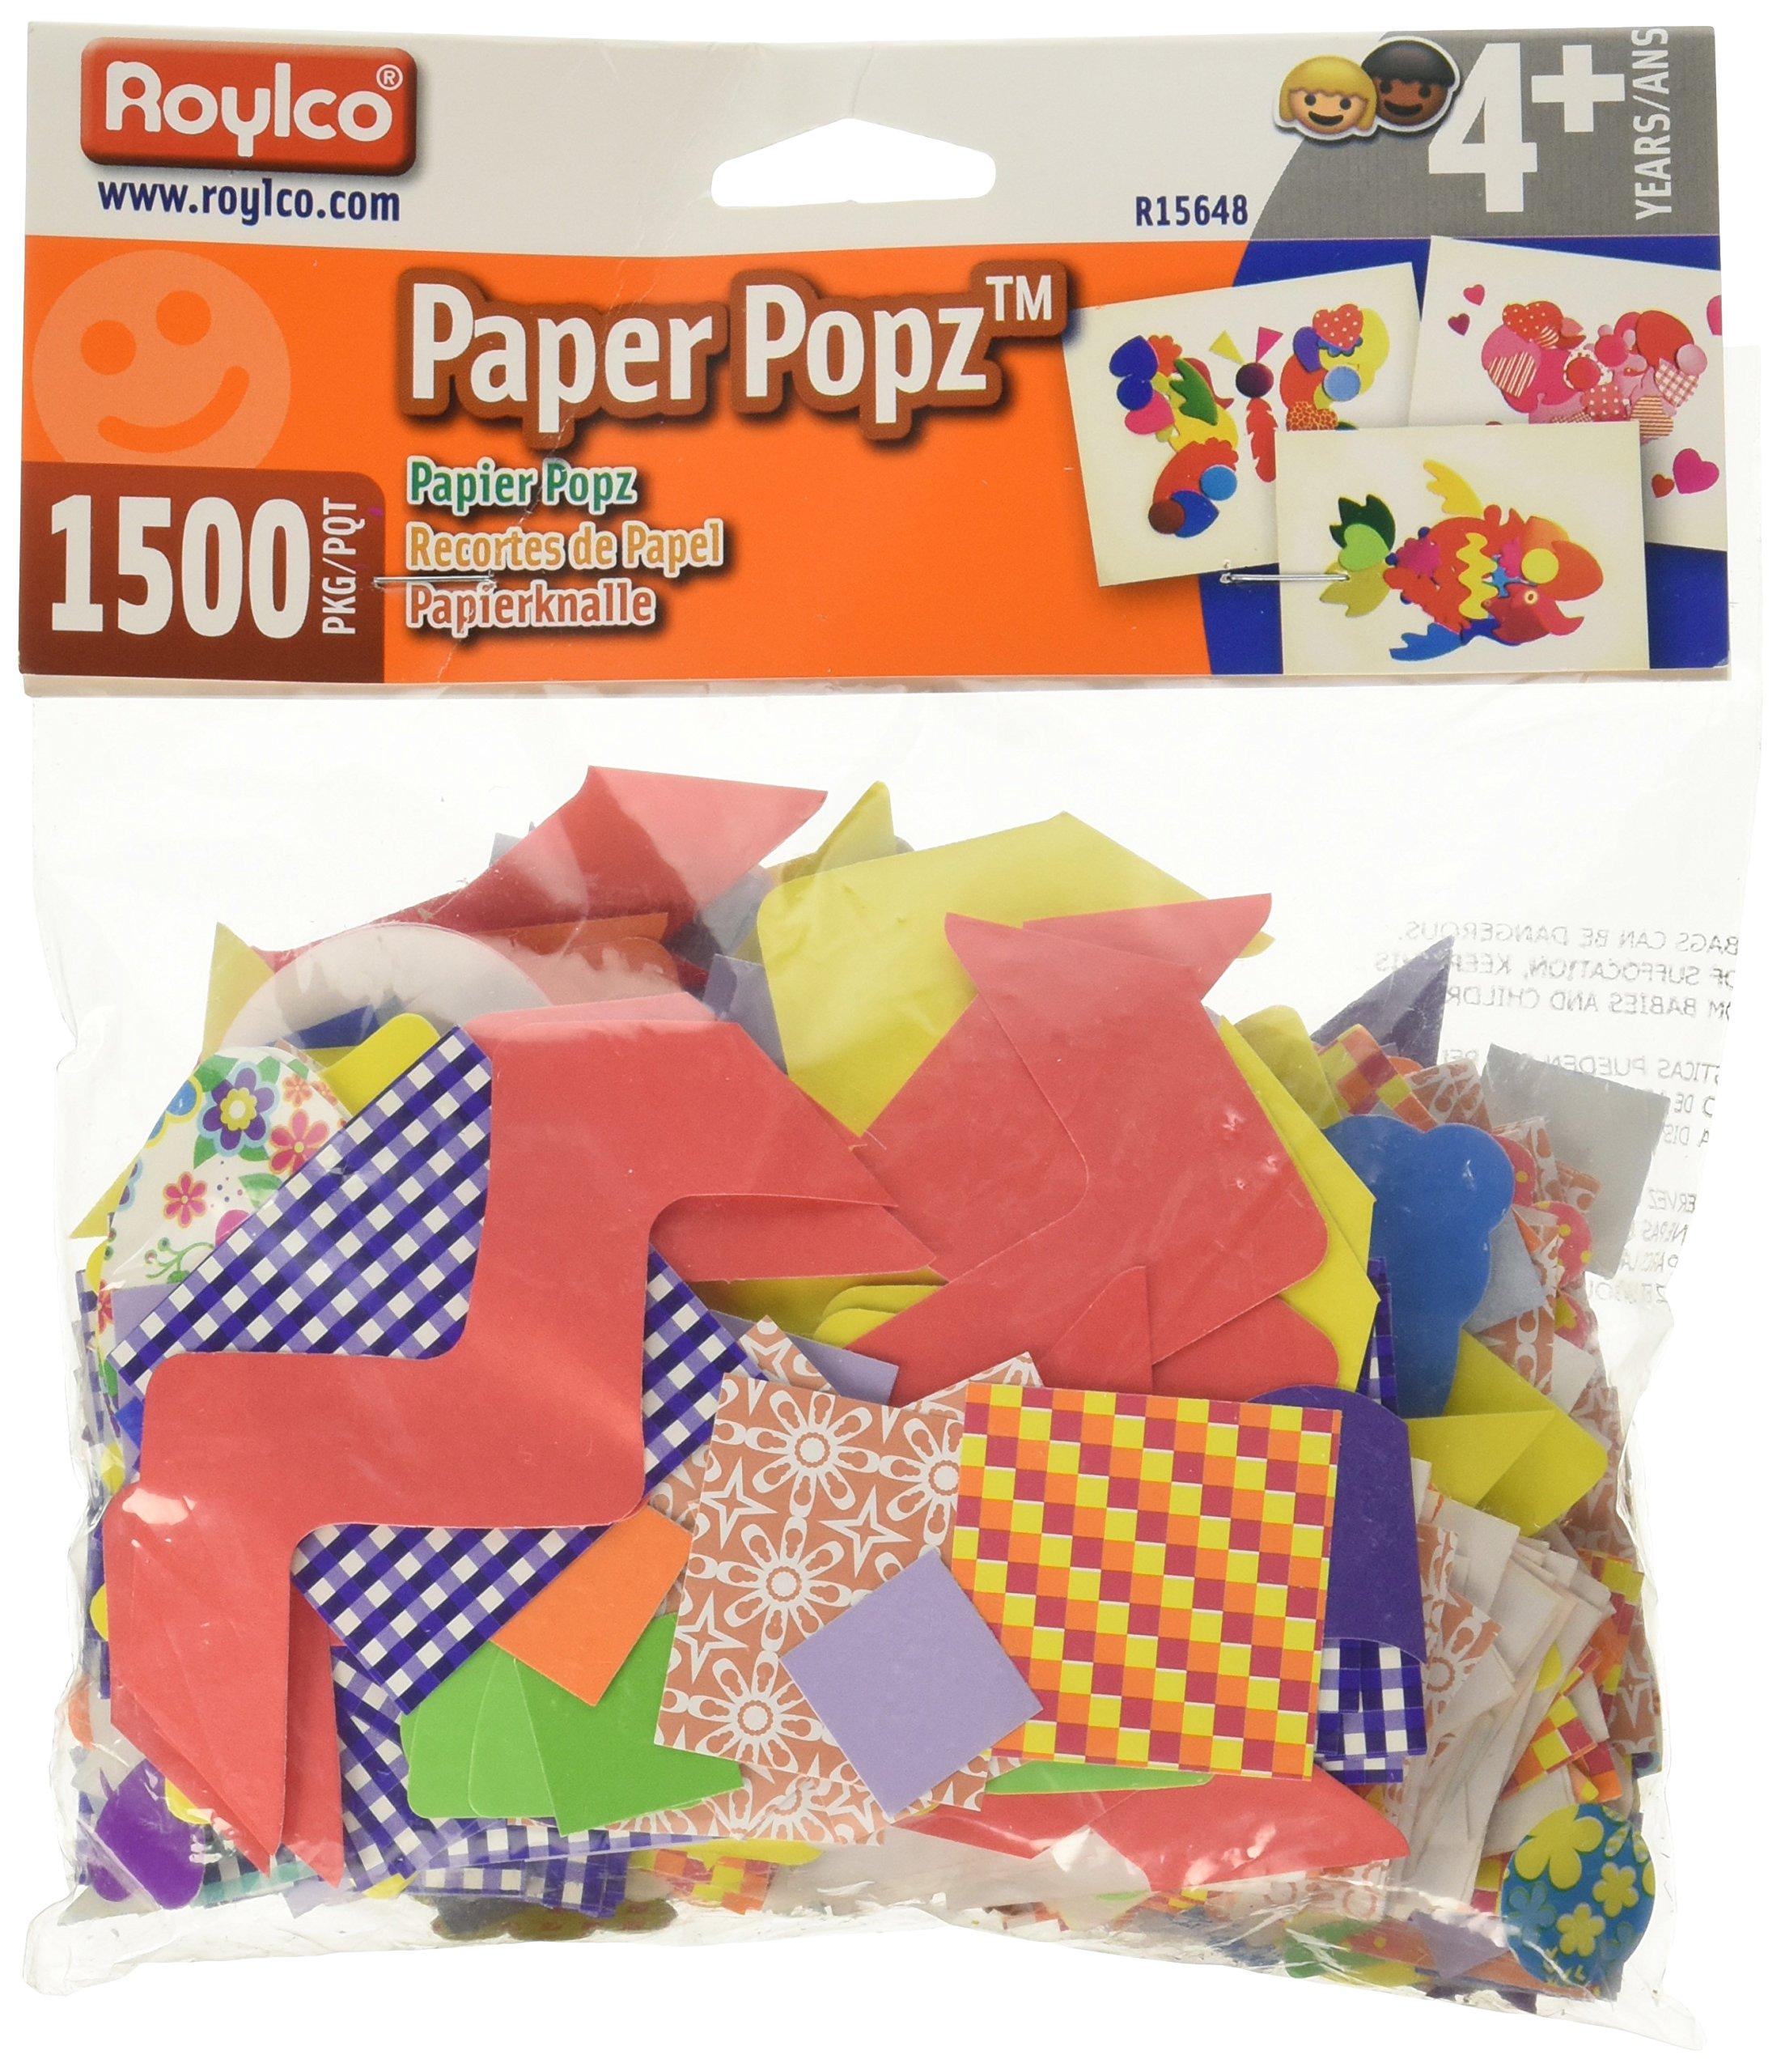 Roylco R15648 Paper Popz